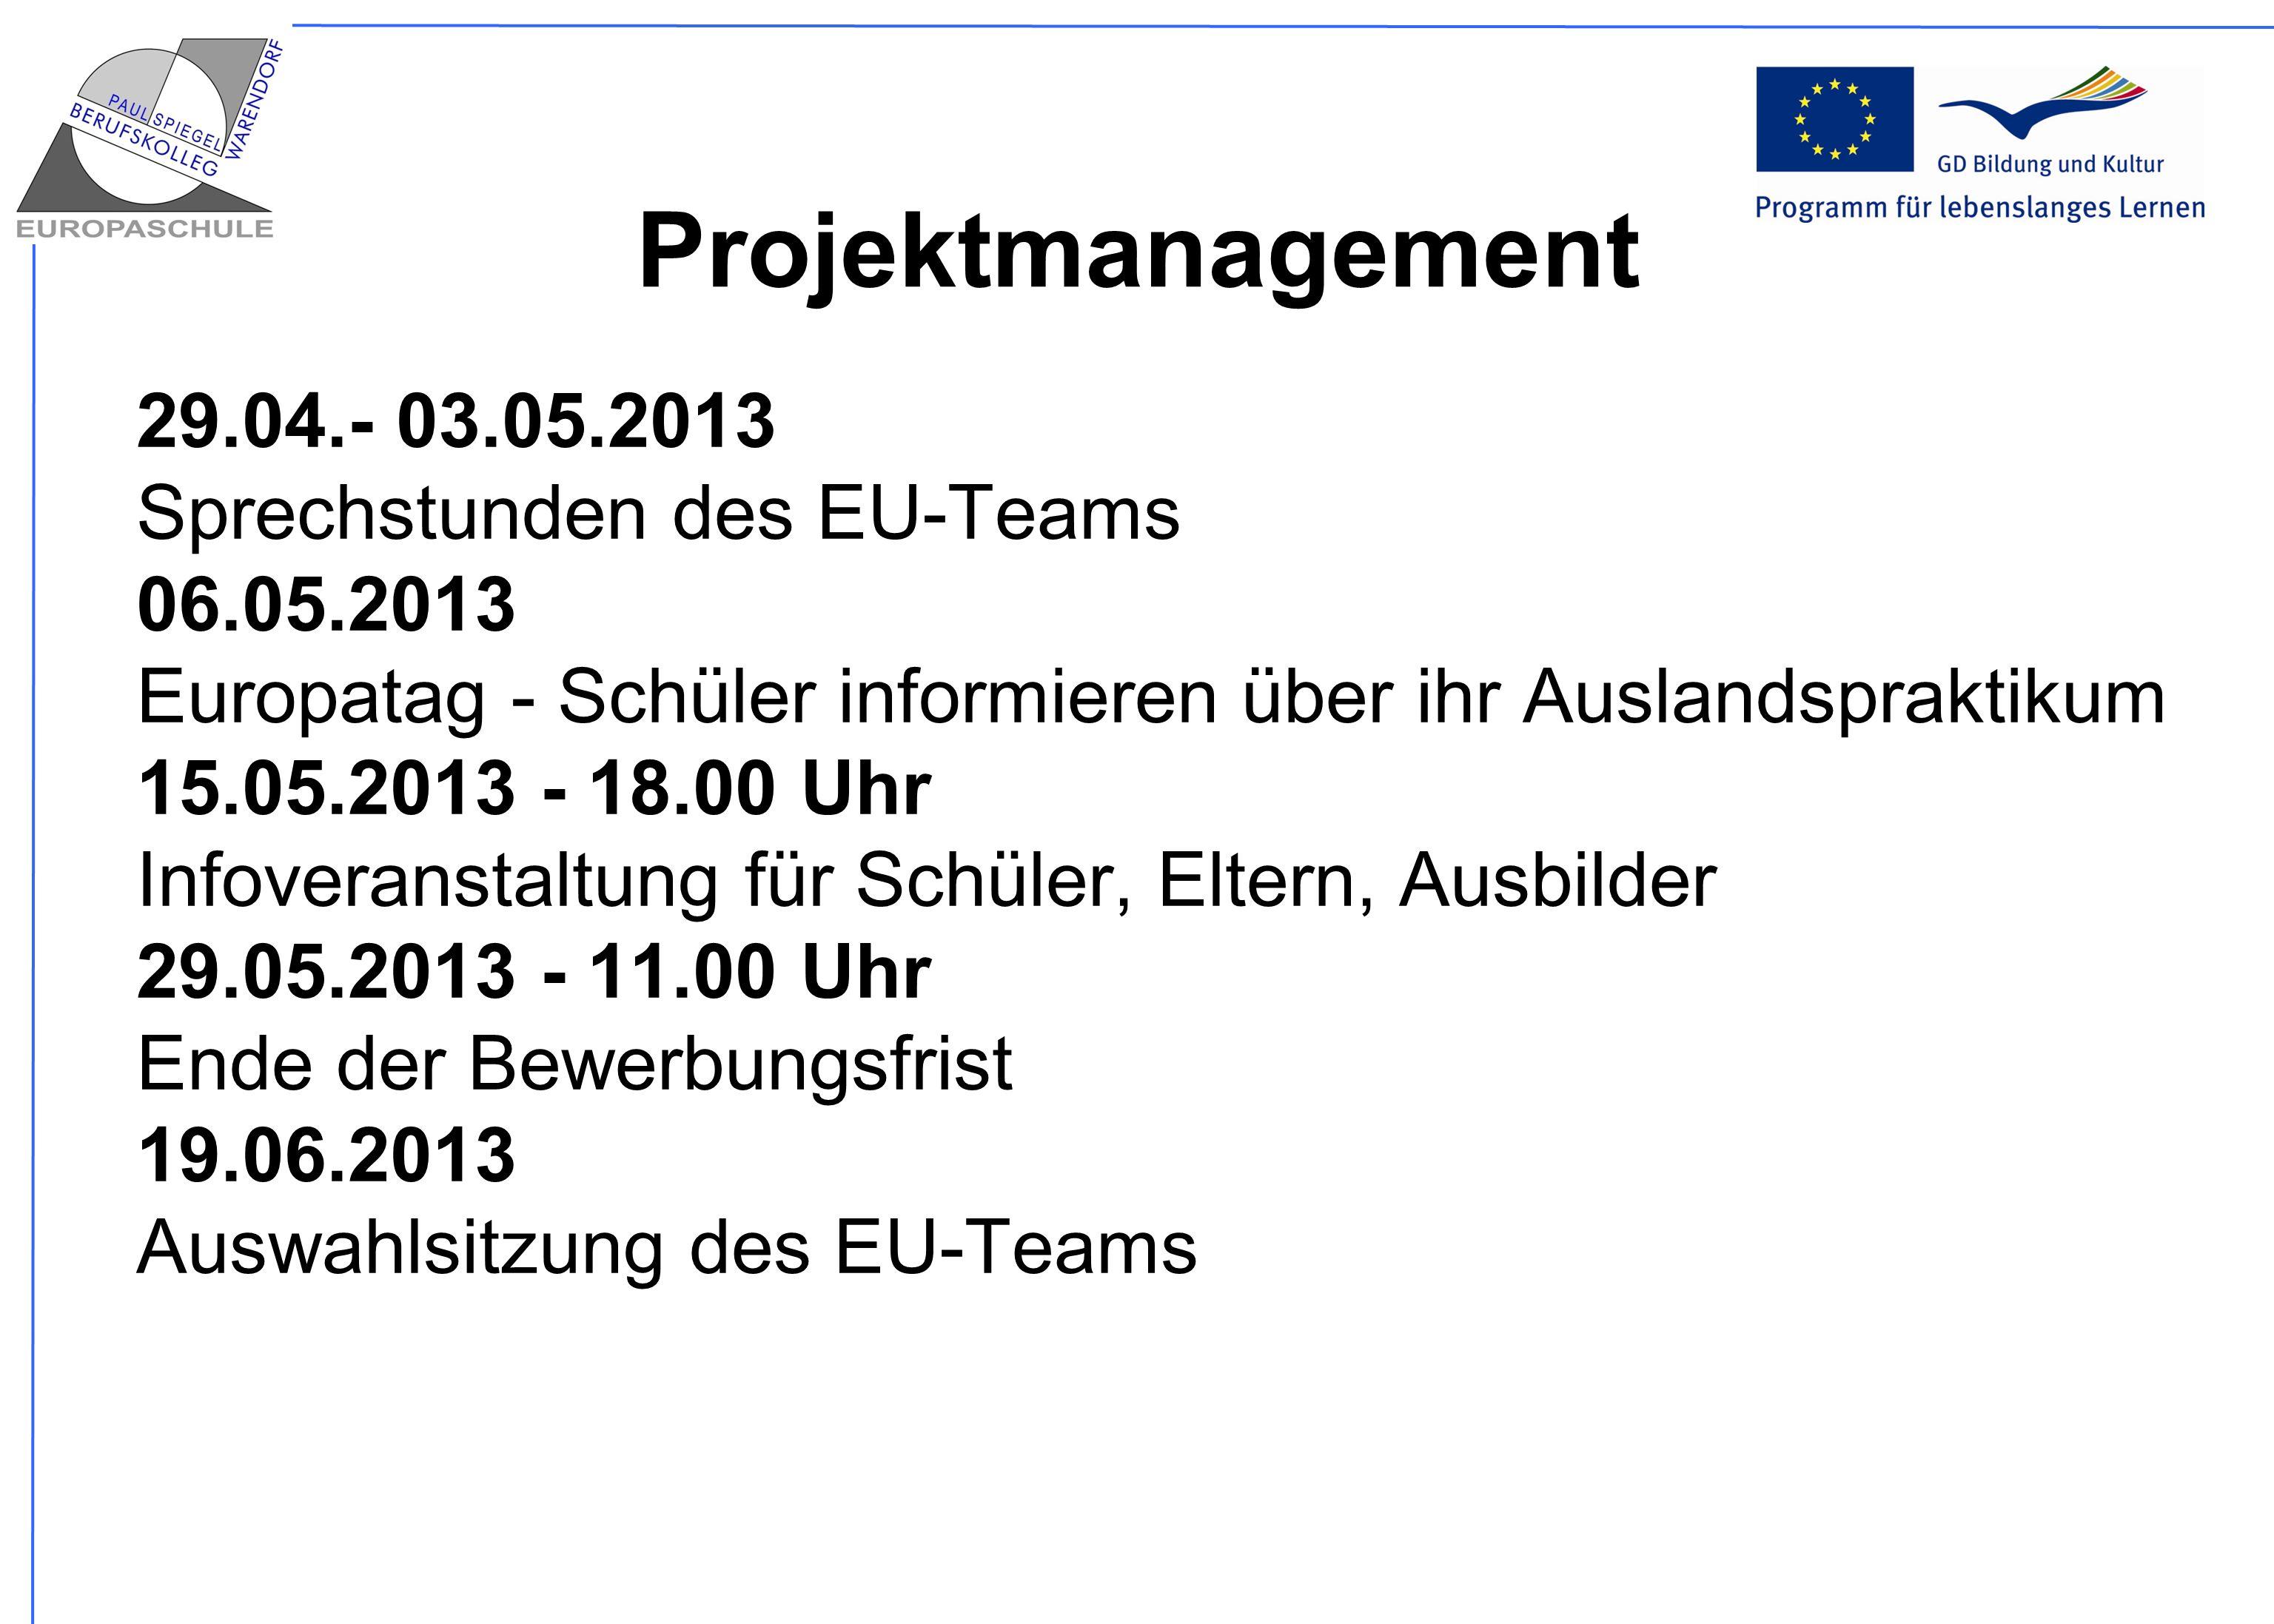 Projektmanagement 29.04.- 03.05.2013 Sprechstunden des EU-Teams 06.05.2013 Europatag - Schüler informieren über ihr Auslandspraktikum 15.05.2013 - 18.